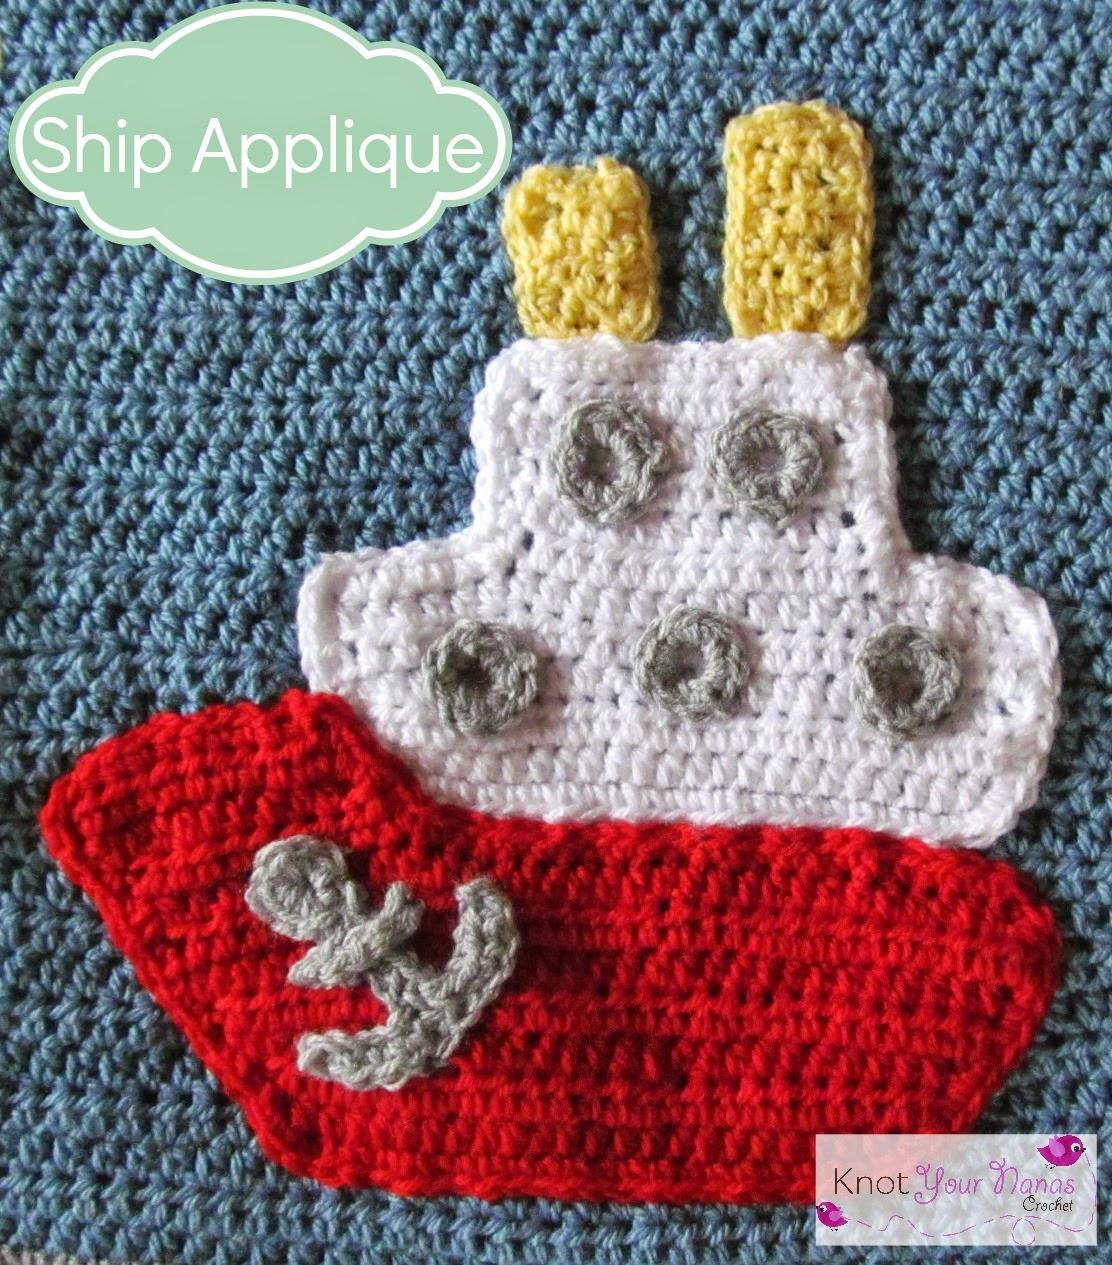 Crochet-Ship-Applique